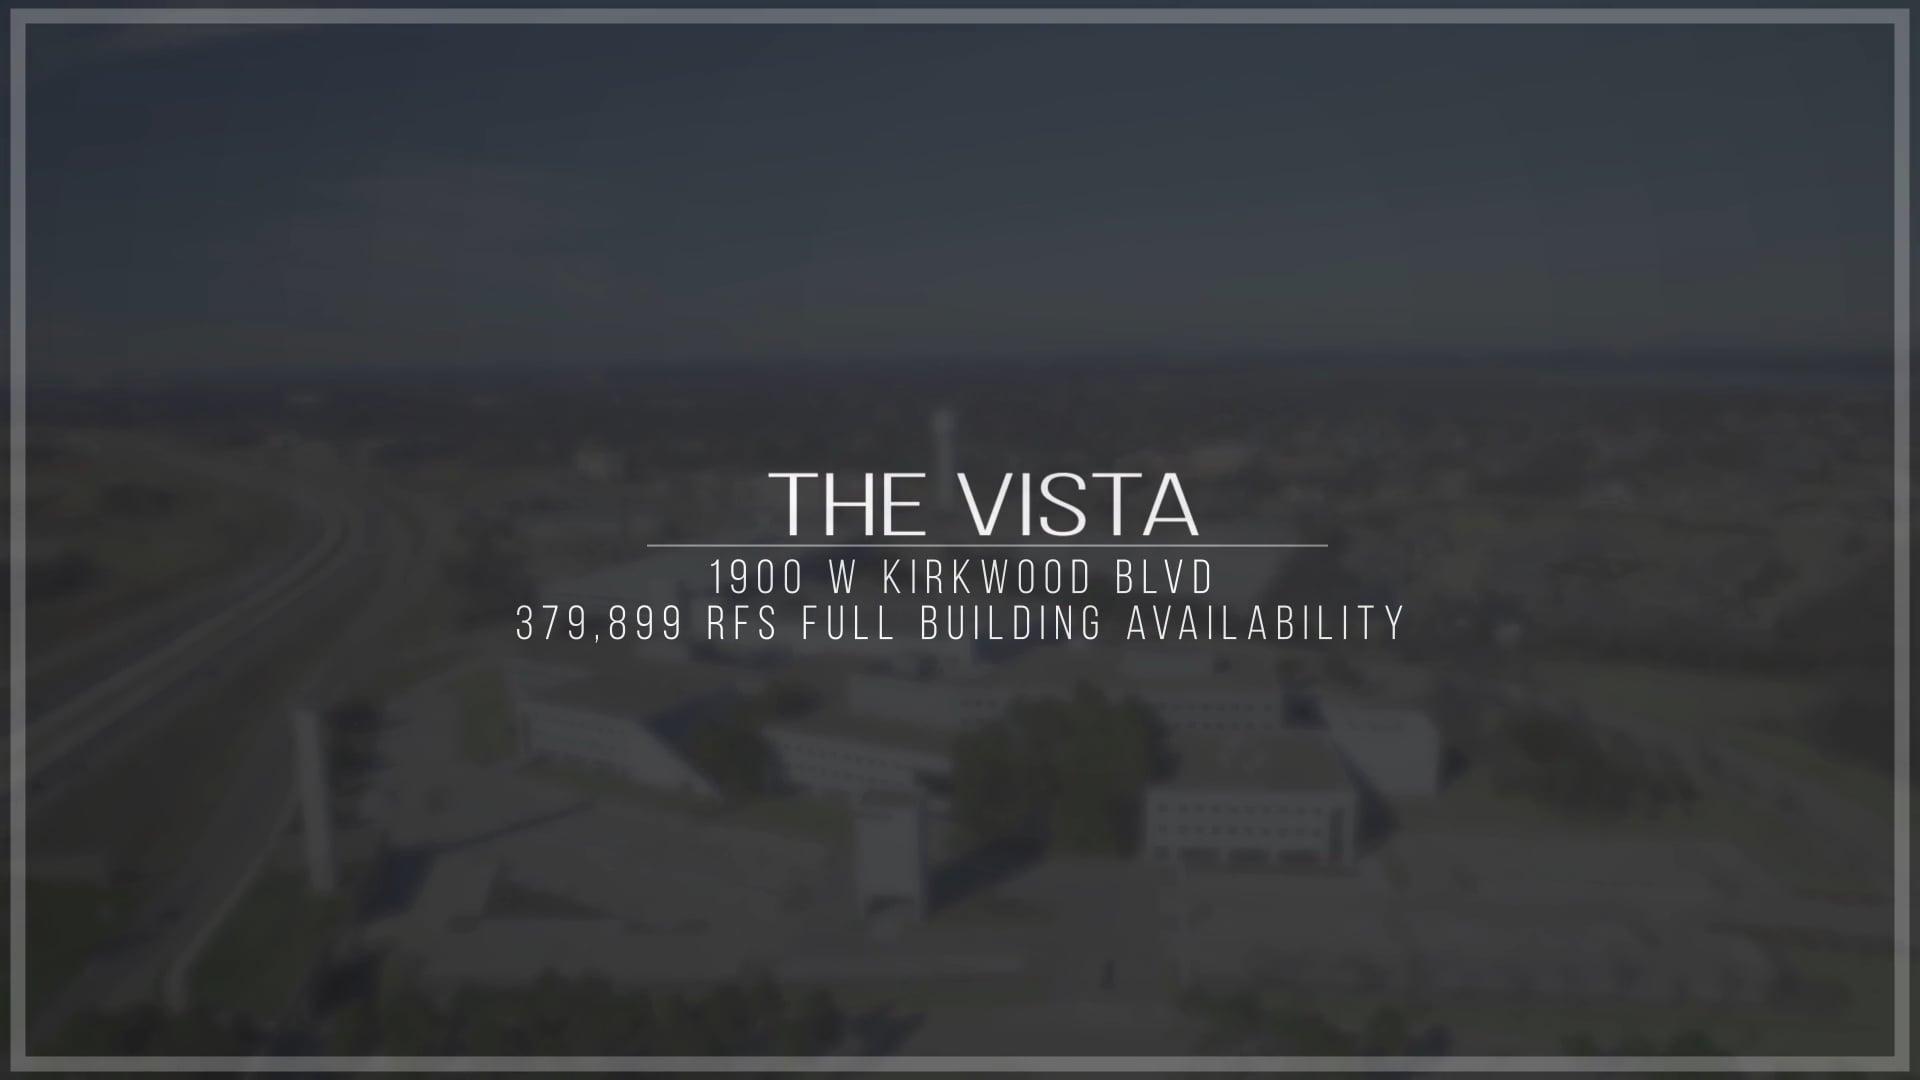 TM - The Vista